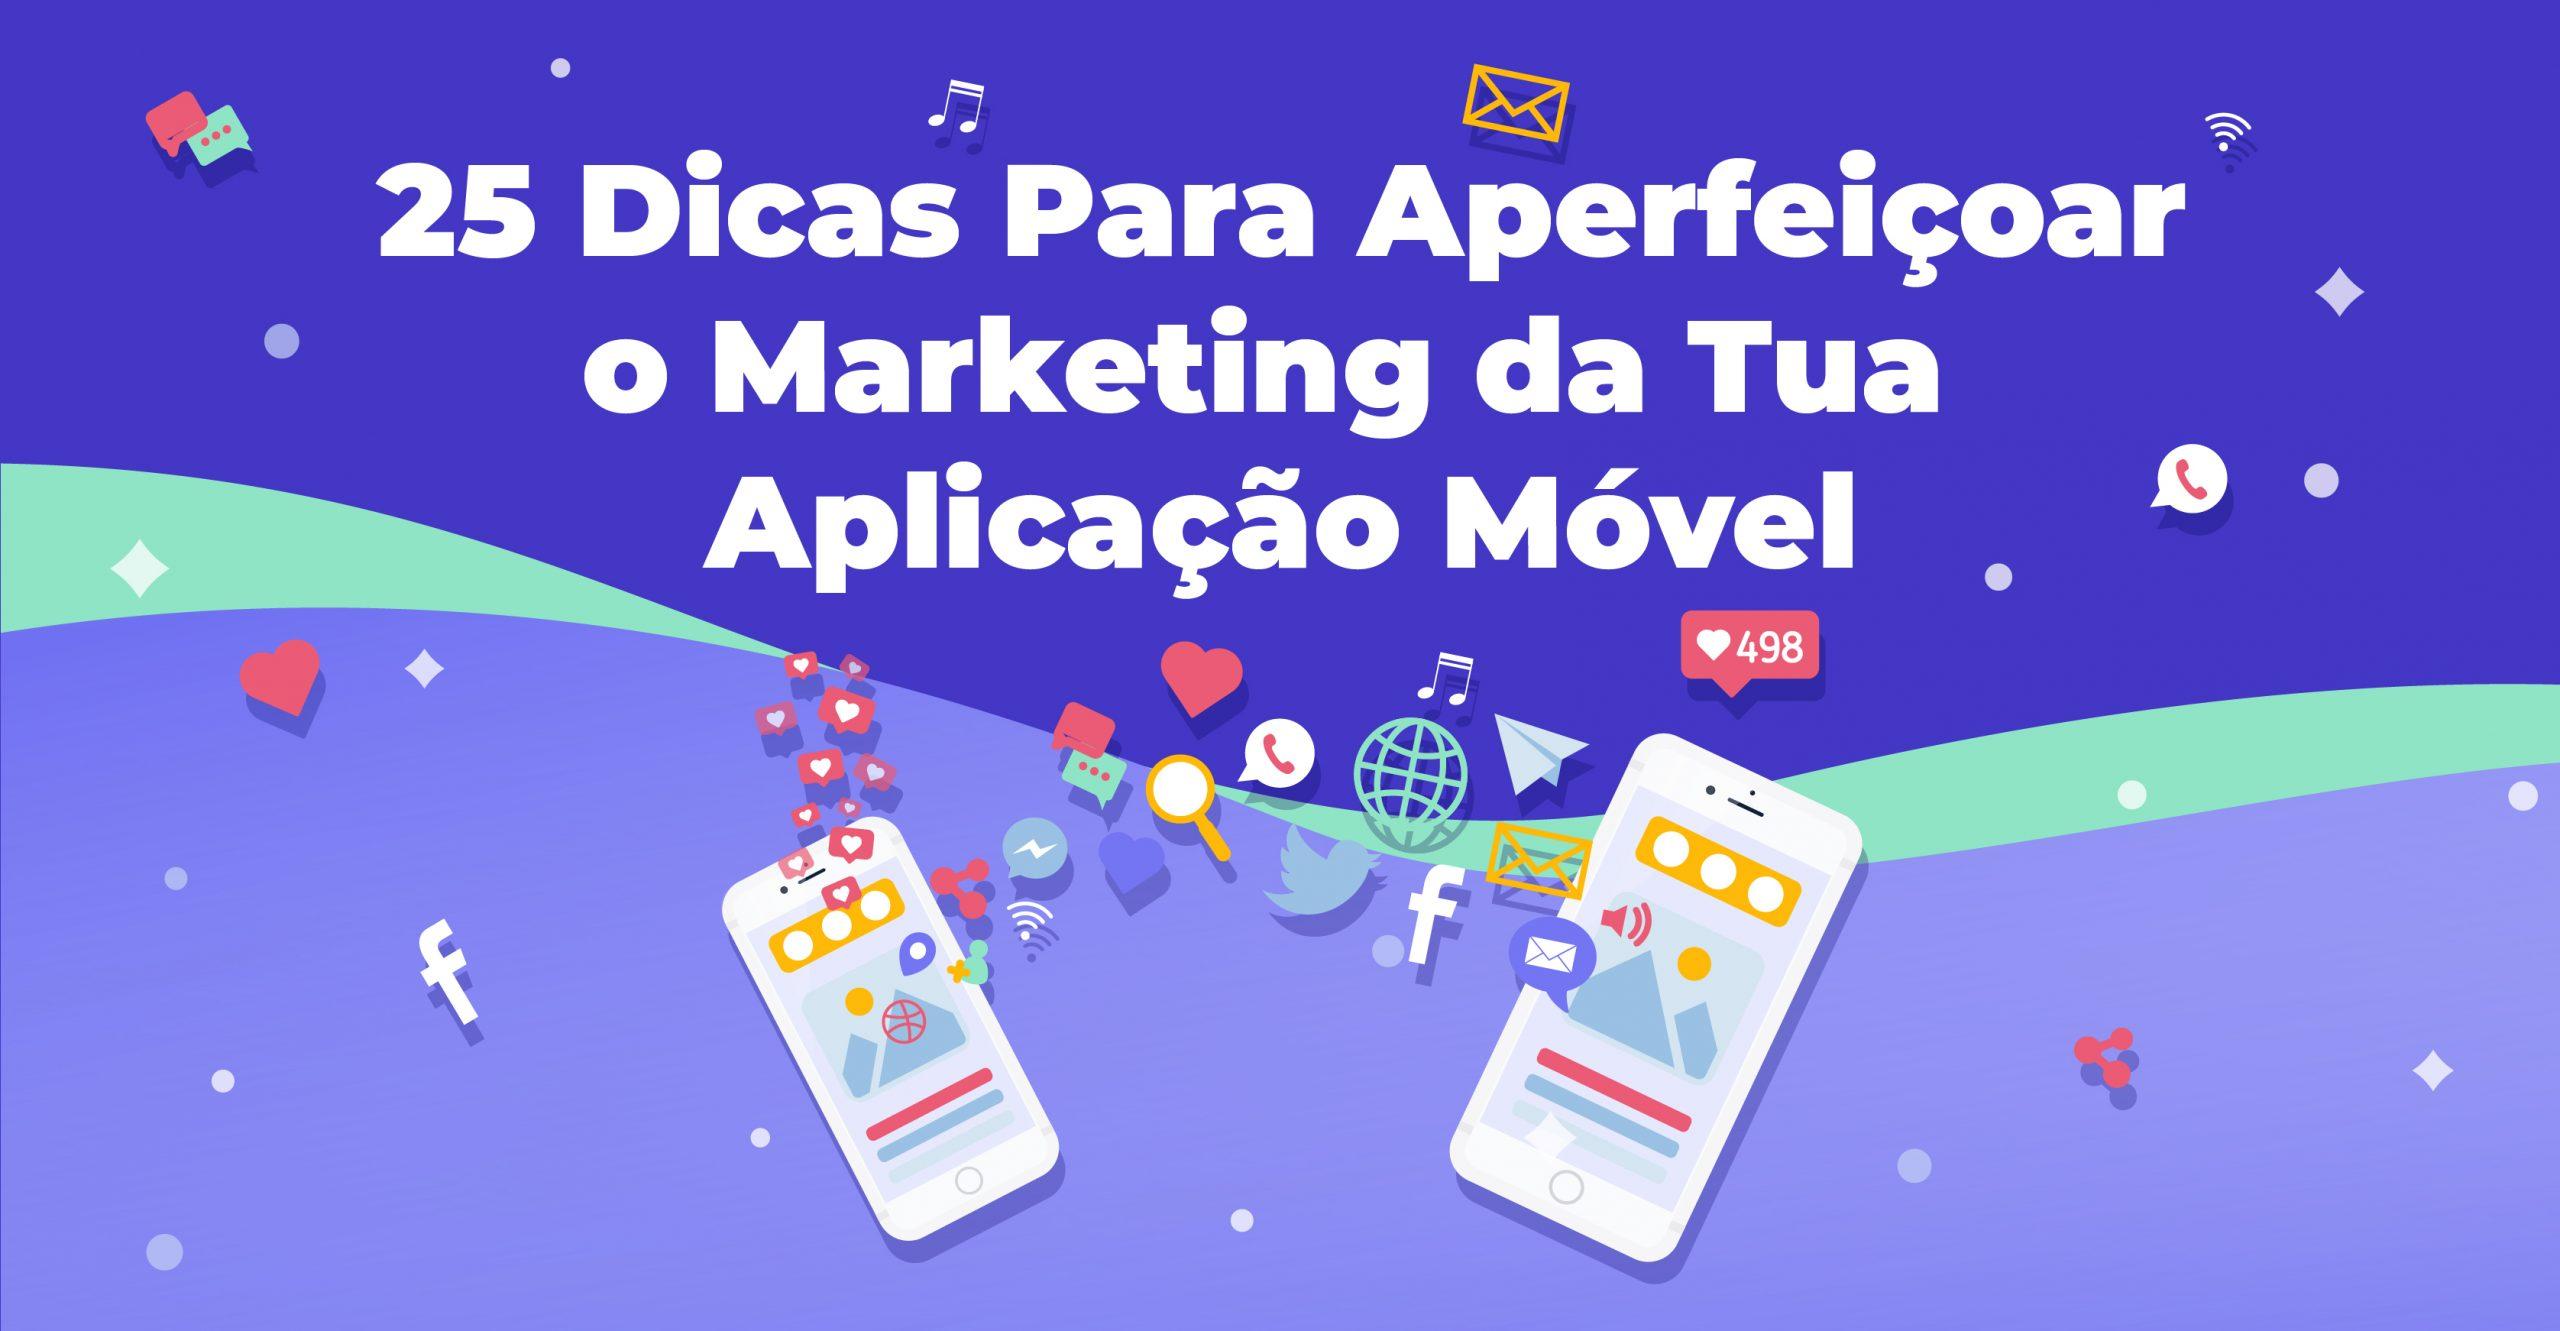 Bemyself_aplicação móvel